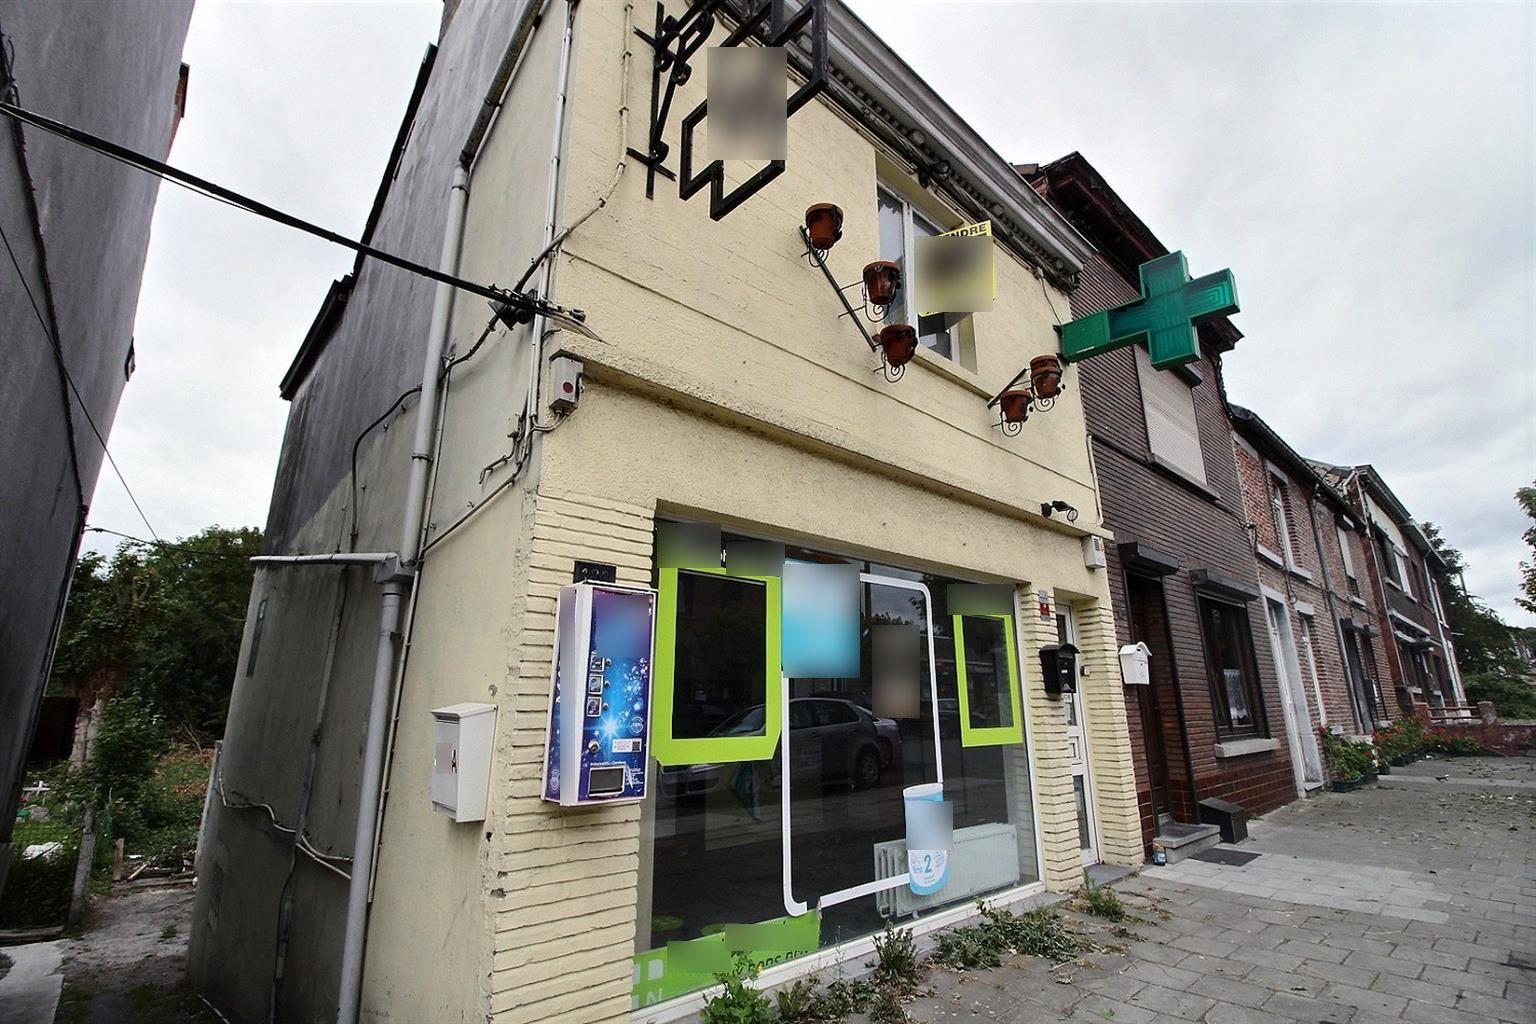 Vente Immeuble composé d'une ancienne pharmacie + appartement avec jardin à Charleroi